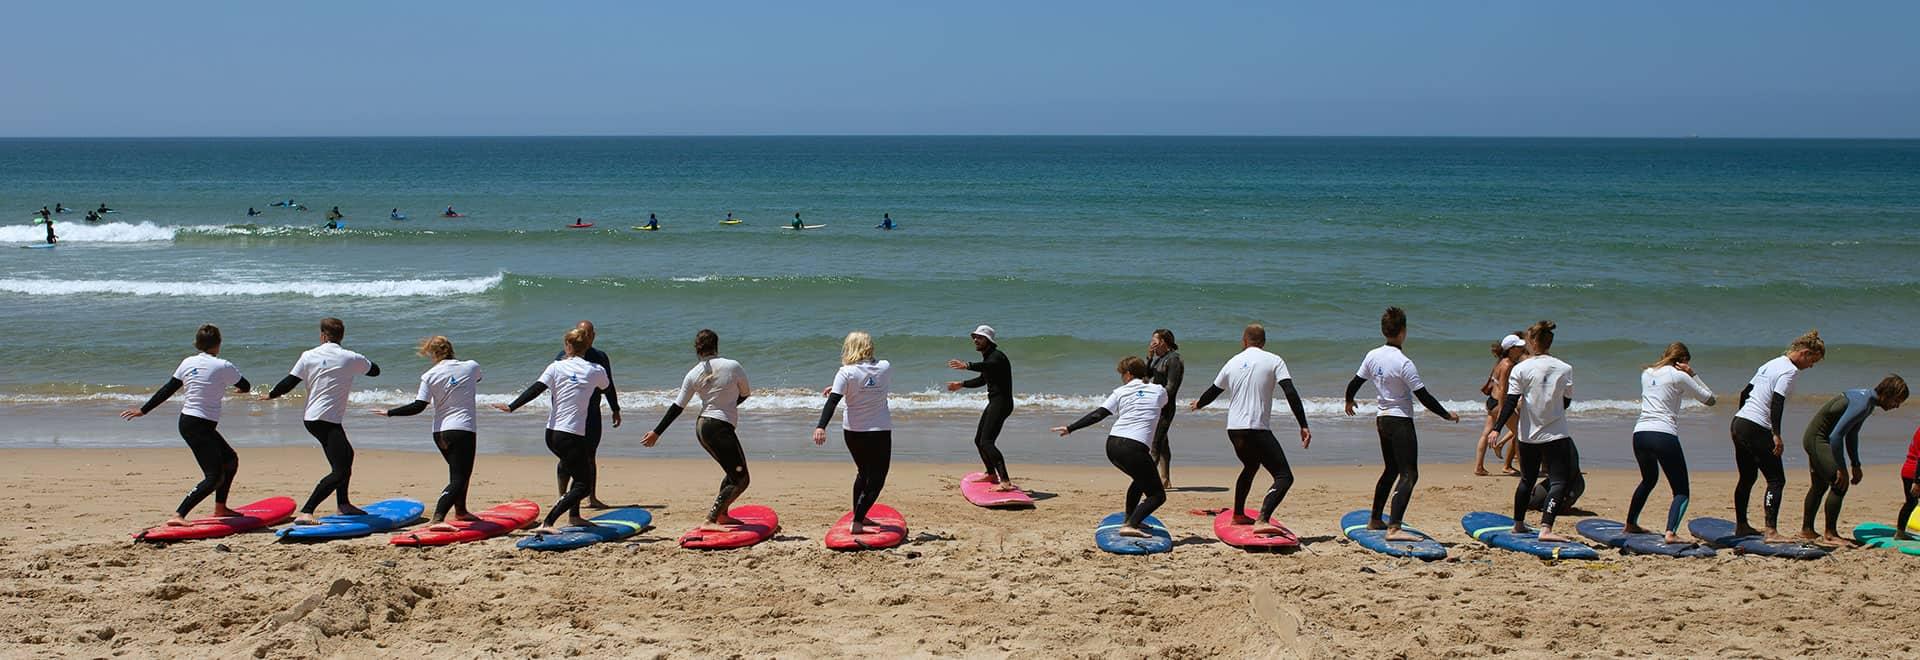 group surfing lesson beginner lisbon algarve